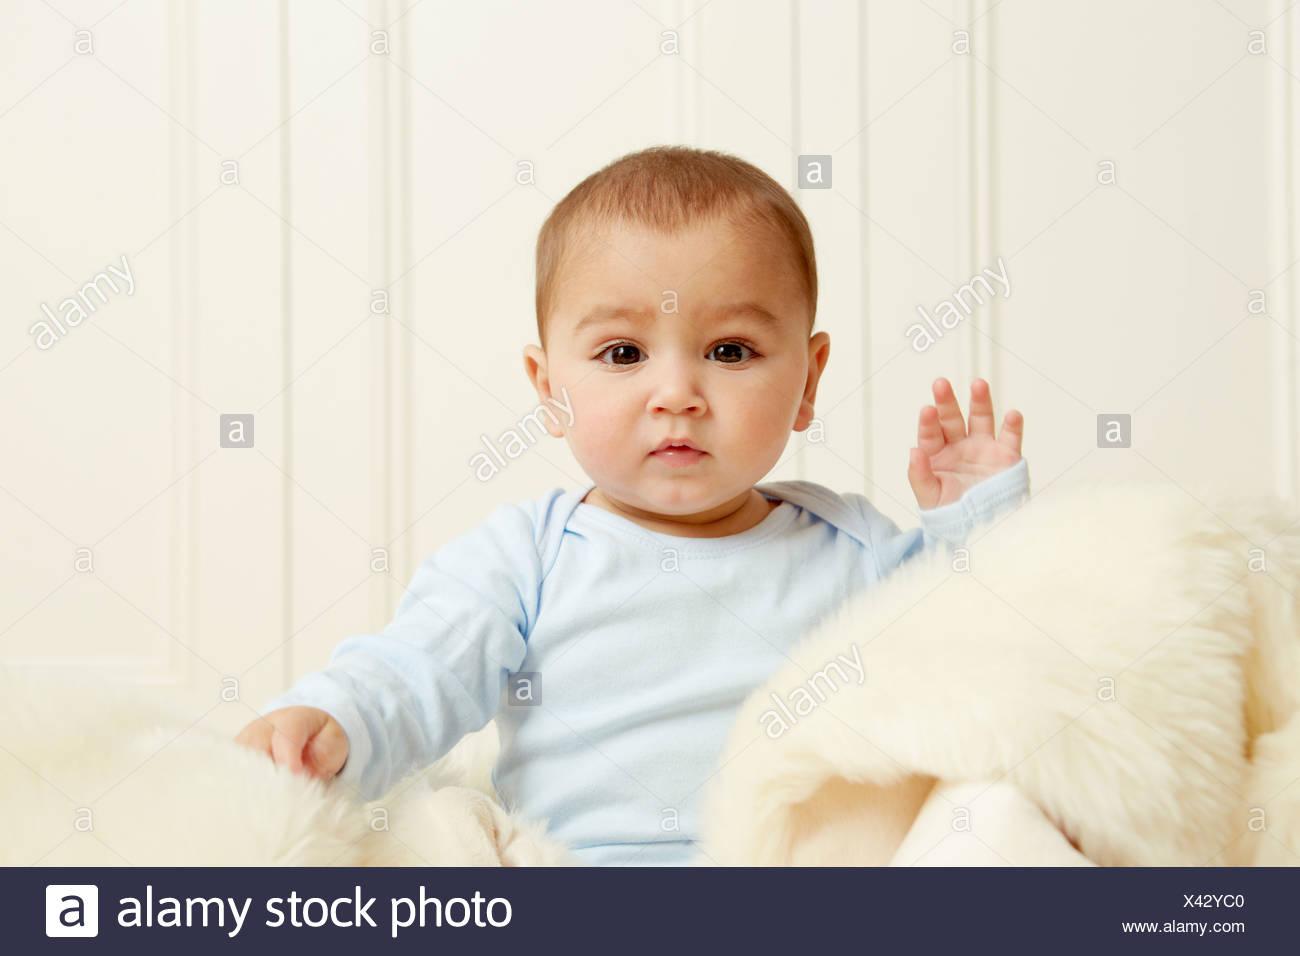 Baby sitting sur tapis en peau de mouton Photo Stock